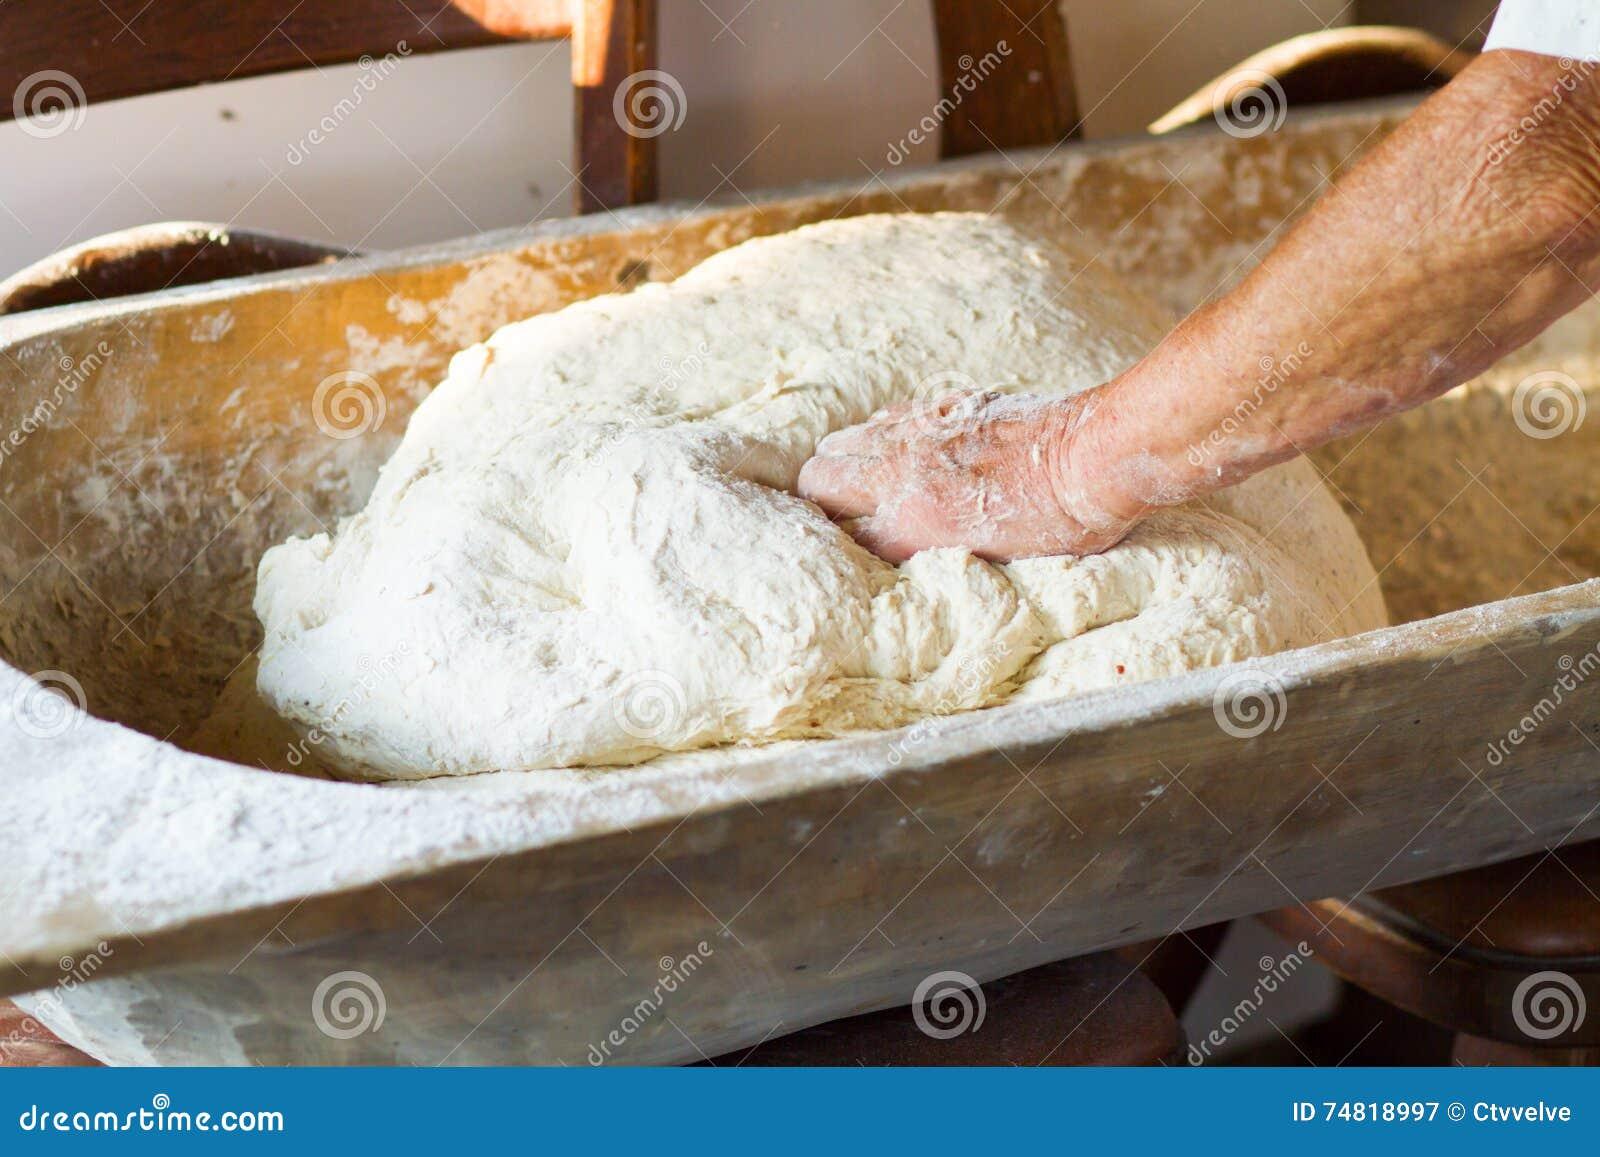 Trasformi la pasta per pane integrale